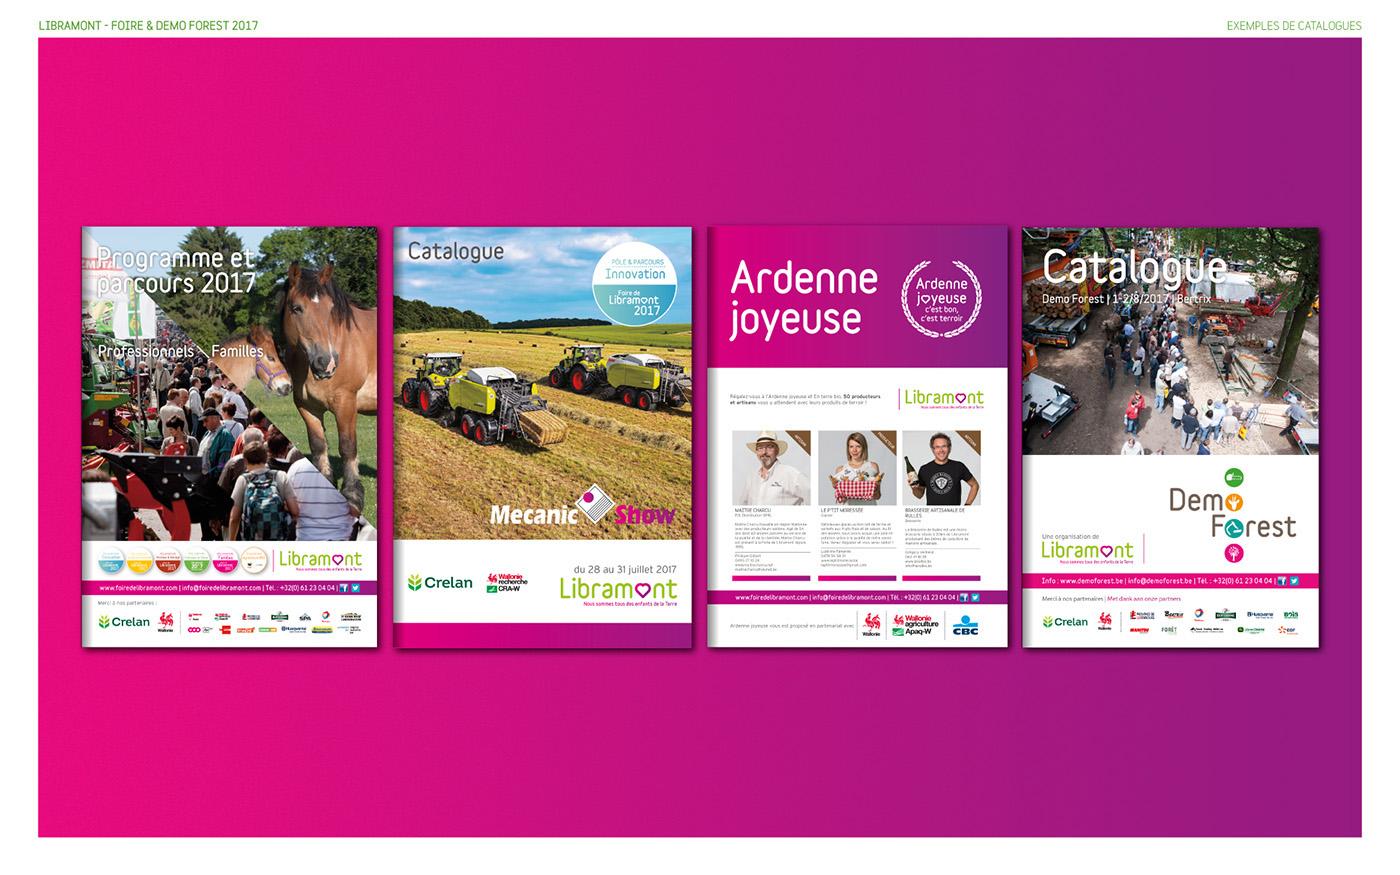 agricole,Libramont,evenement,Forestière,cheval,identité graphique